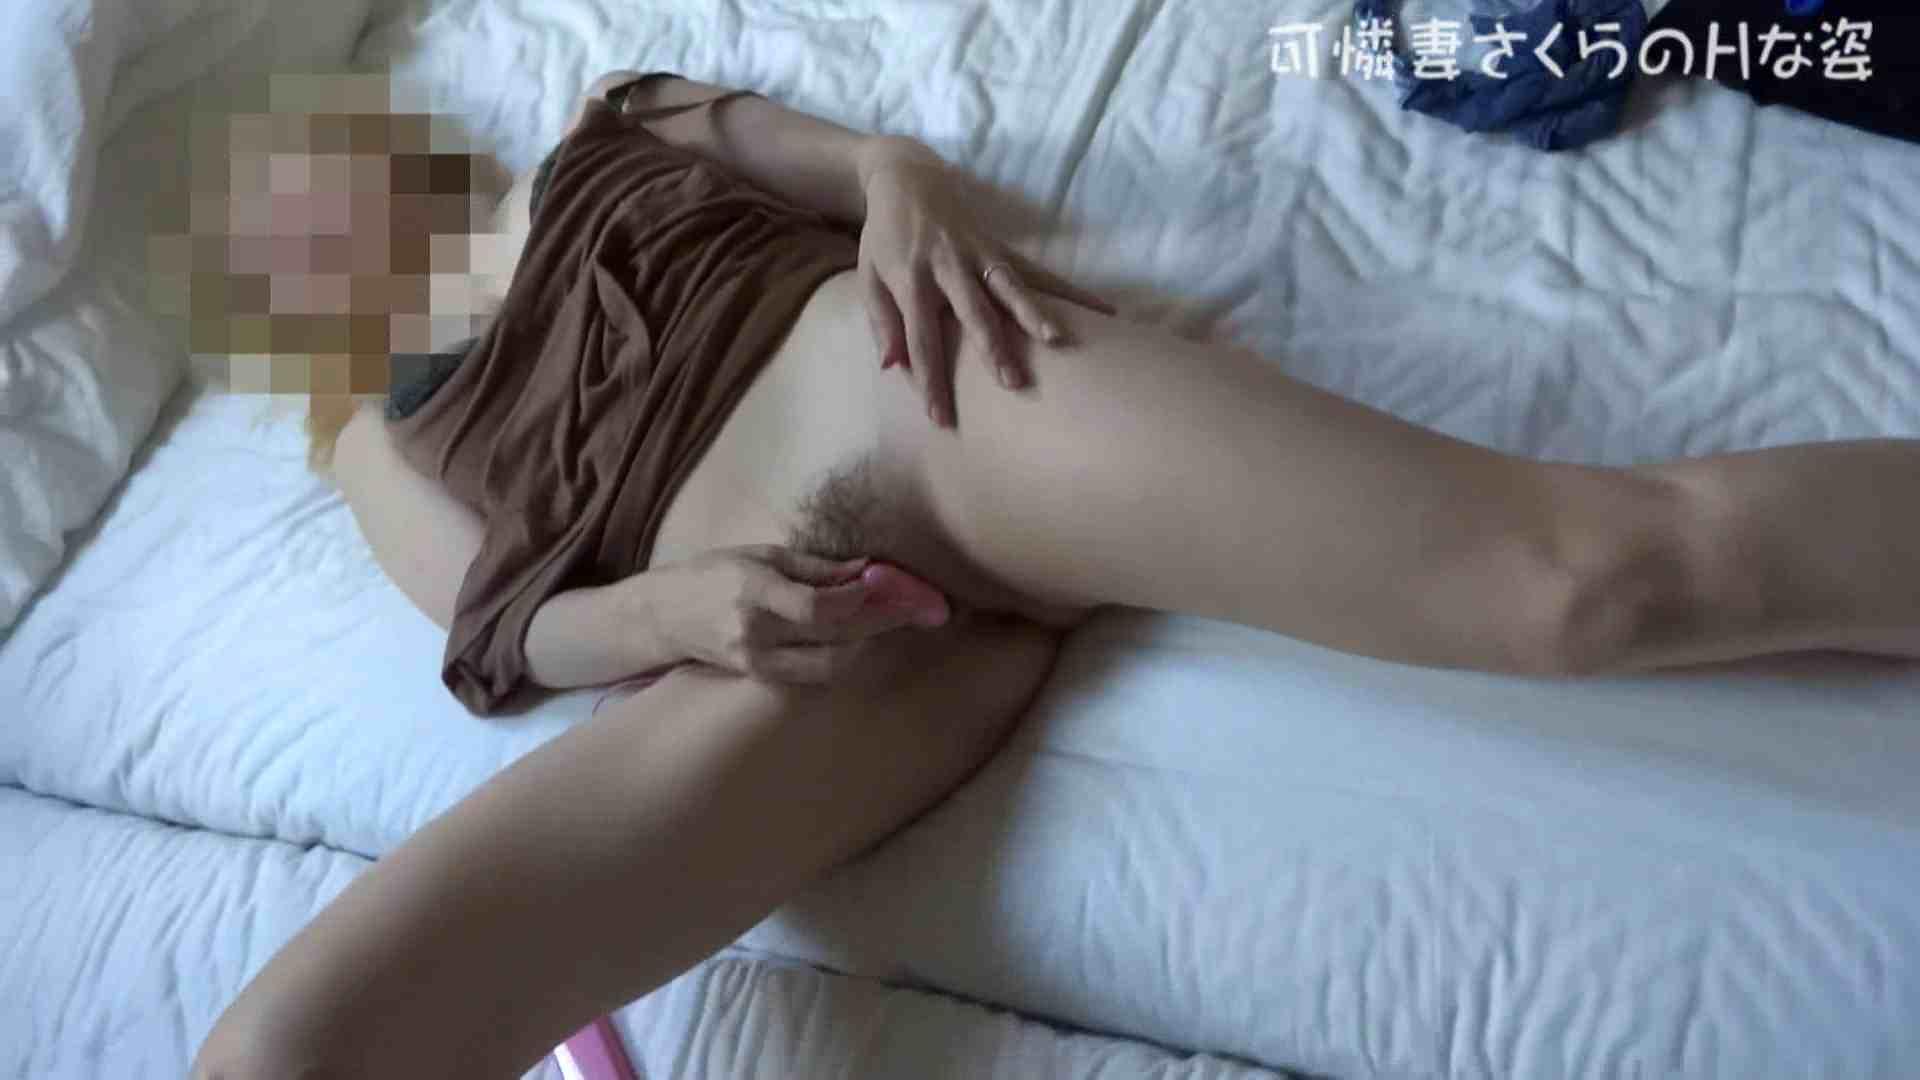 可憐妻さくらのHな姿vol.18 オナニーし放題 | 淫乱  79pic 30